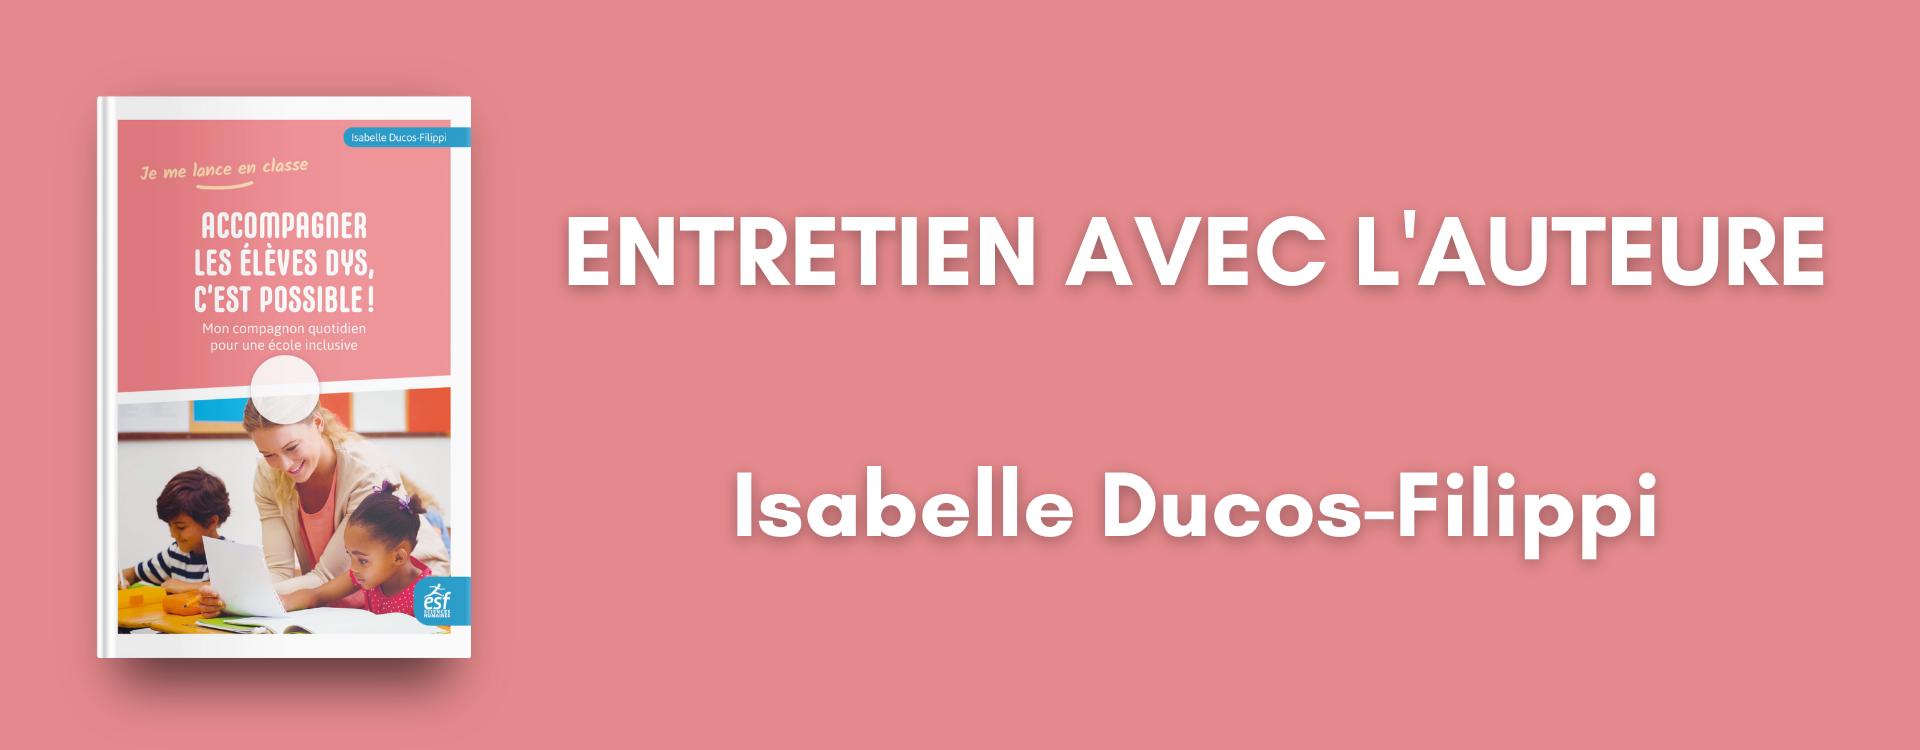 Accompagner les élèves Dys, c'est possible : entretien avec Isabelle Ducos-Filippi